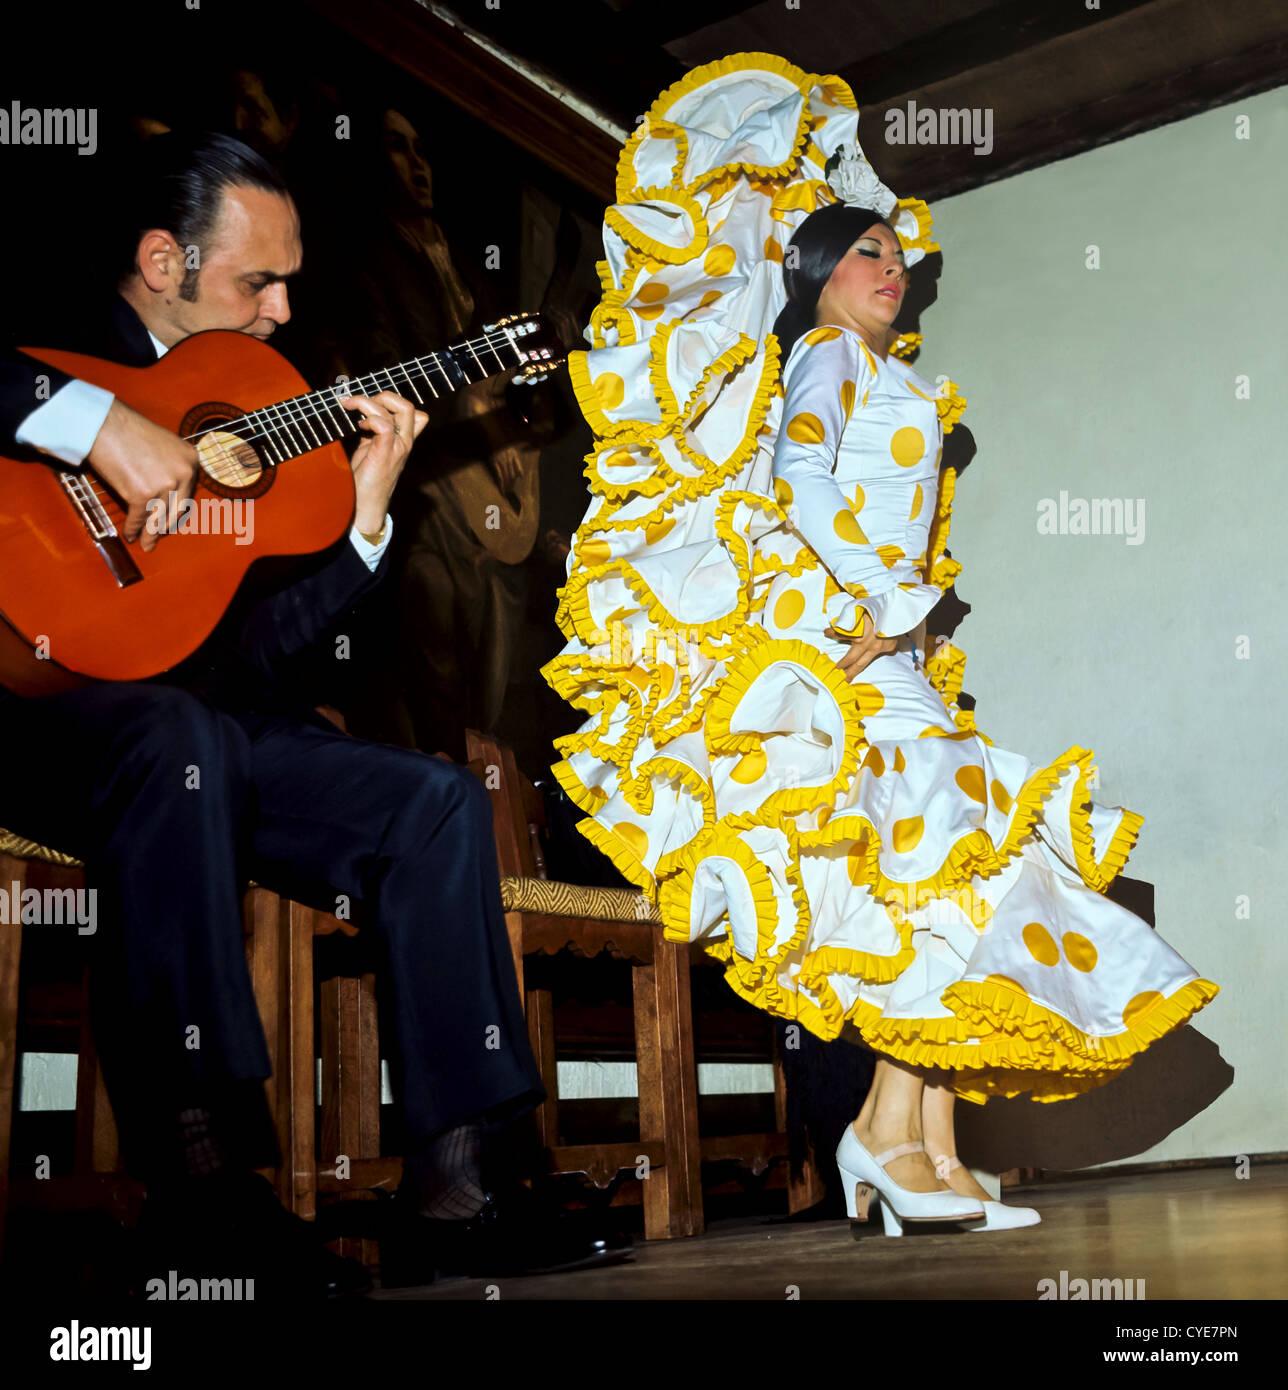 8335. Flamenco Dancer, Seville, Spain, Europe - Stock Image